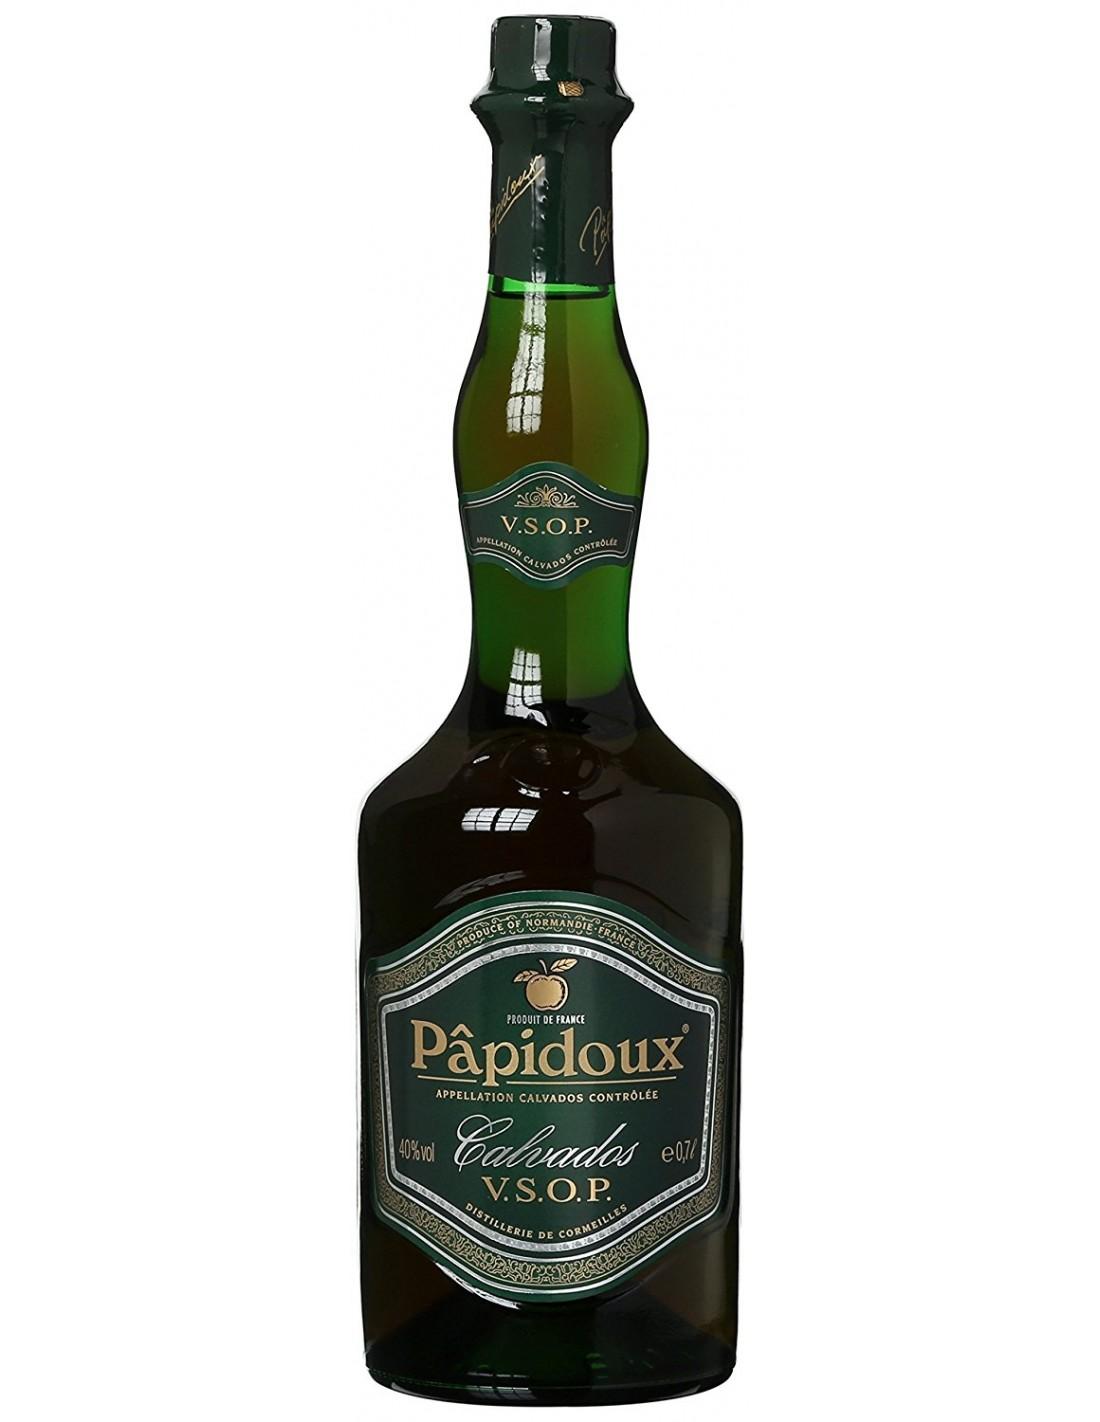 Coniac Calvados Papidoux VSOP 40% alc., 0.7L, Franta